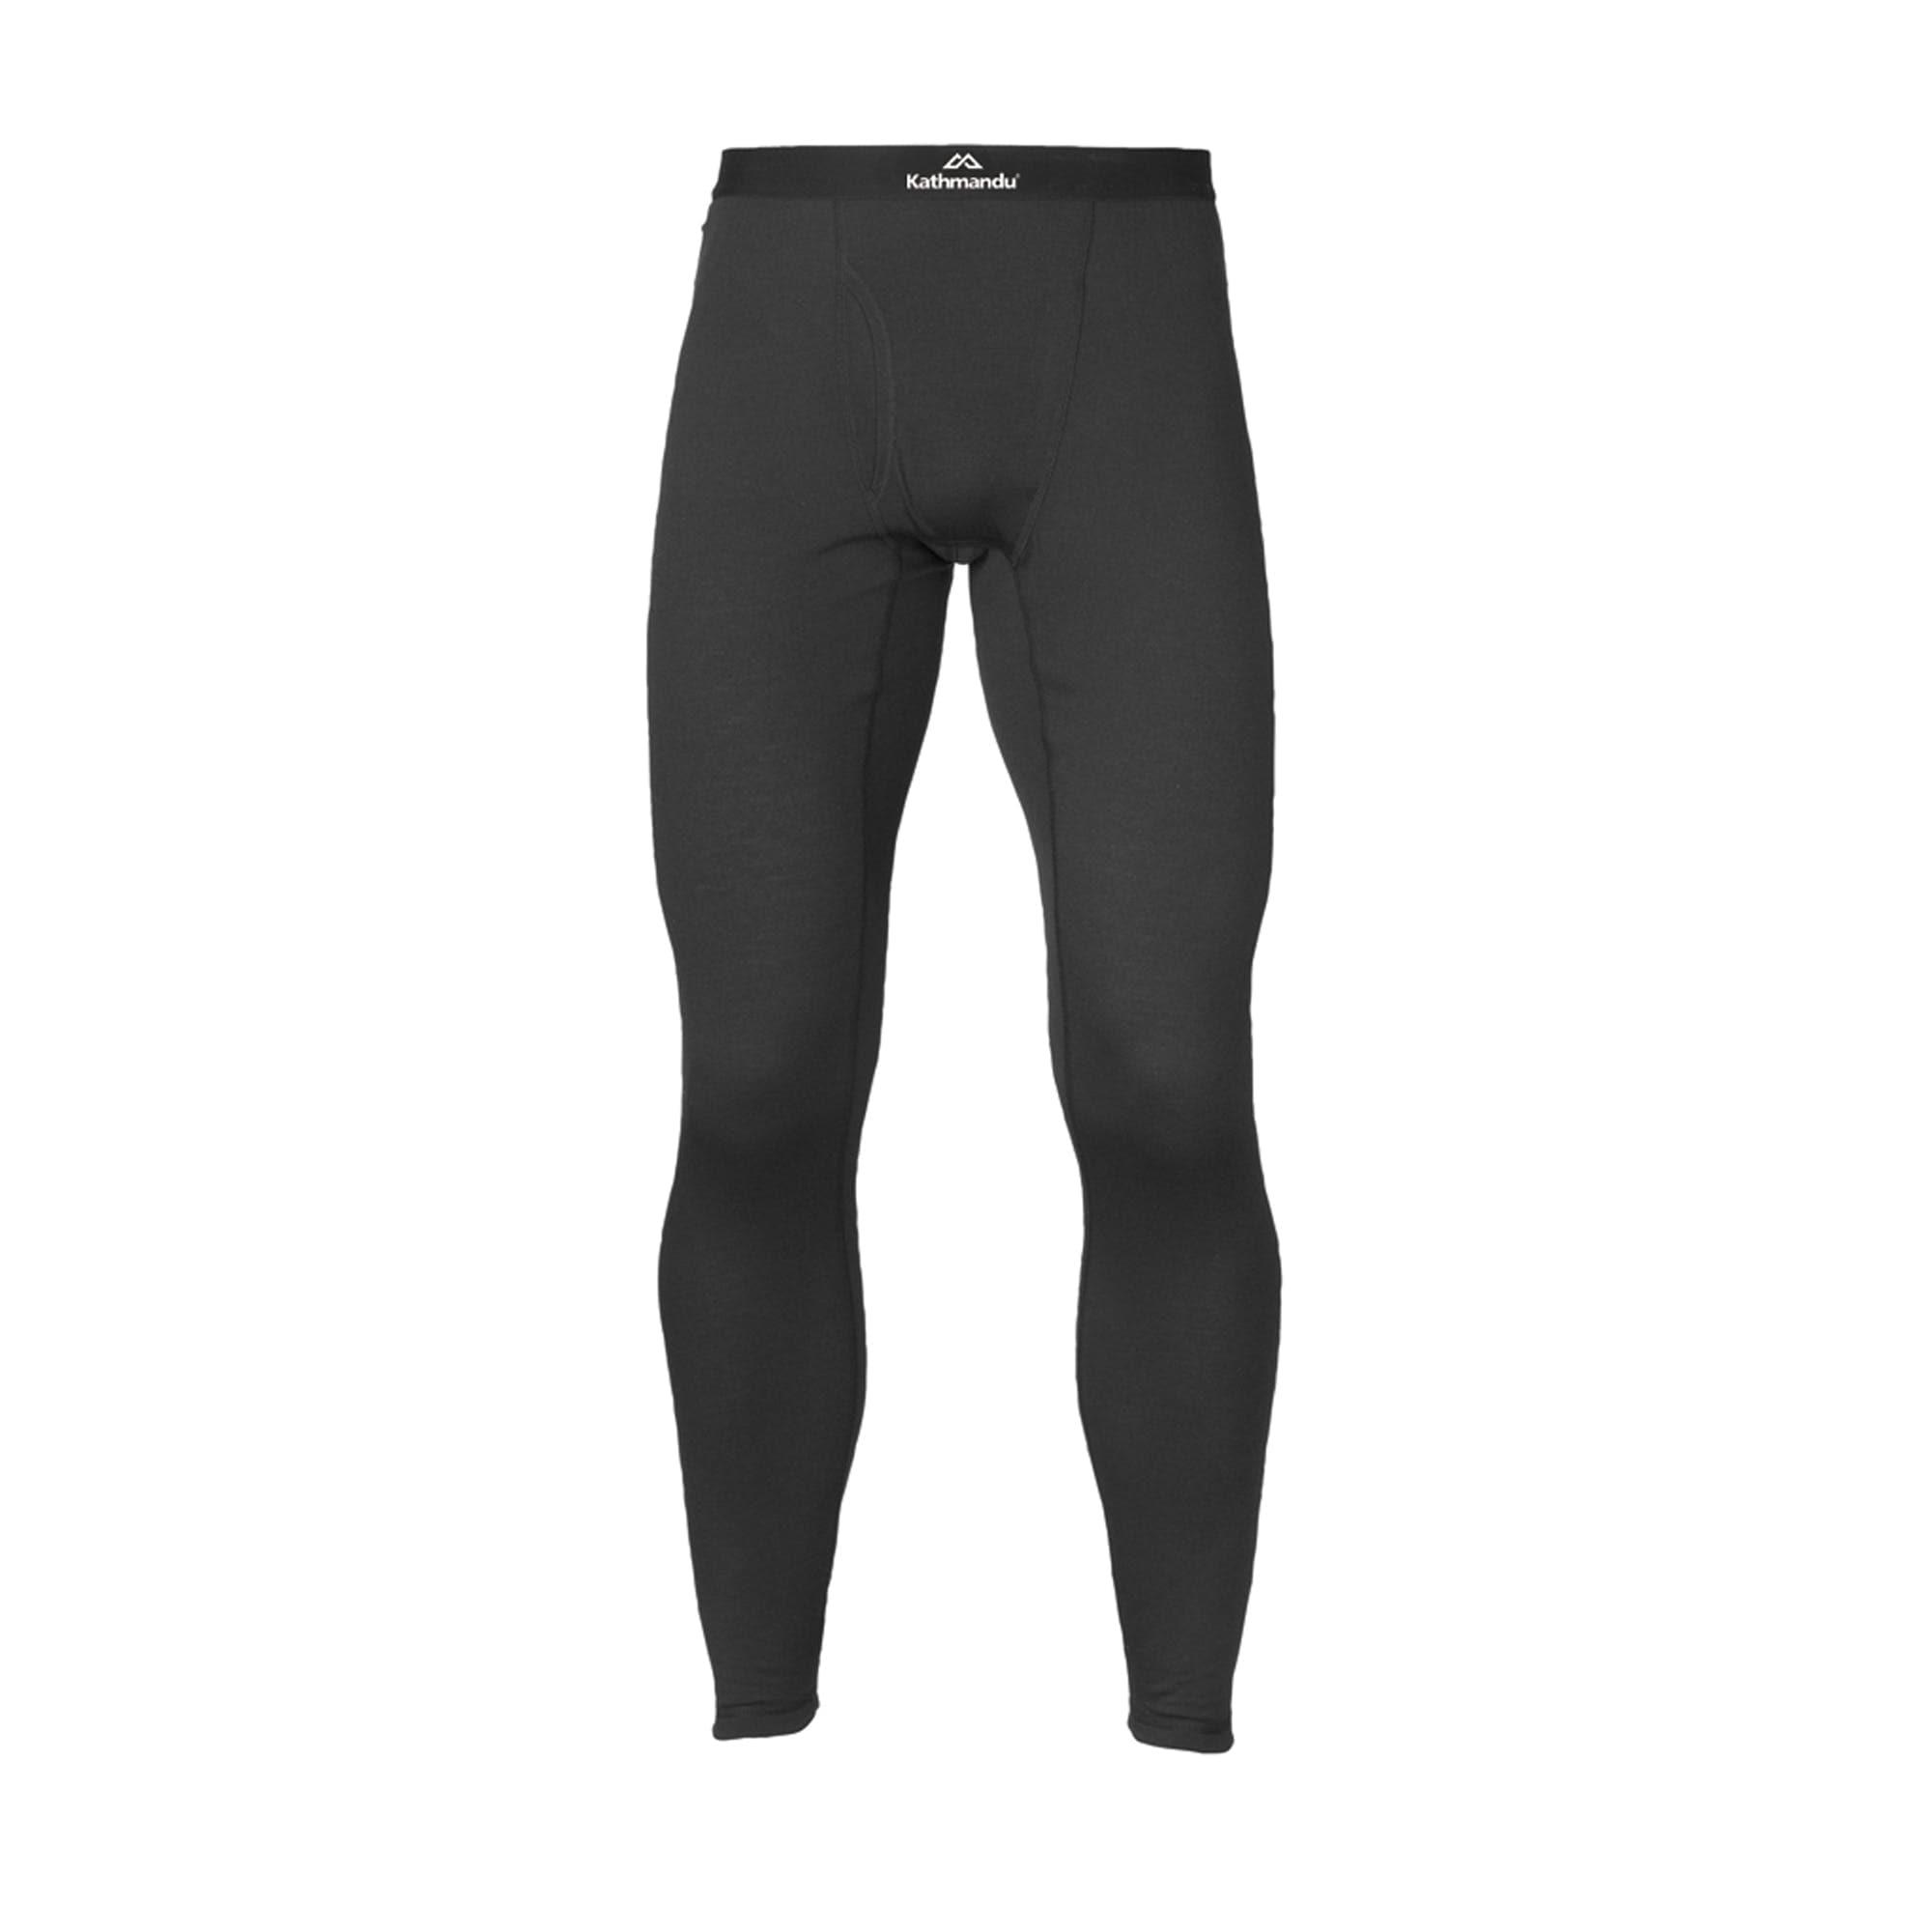 Kathmandu Lange Thermo-Unterhose ultraCORE | Bekleidung > Wäsche > Lange Unterhosen | Kathmandu